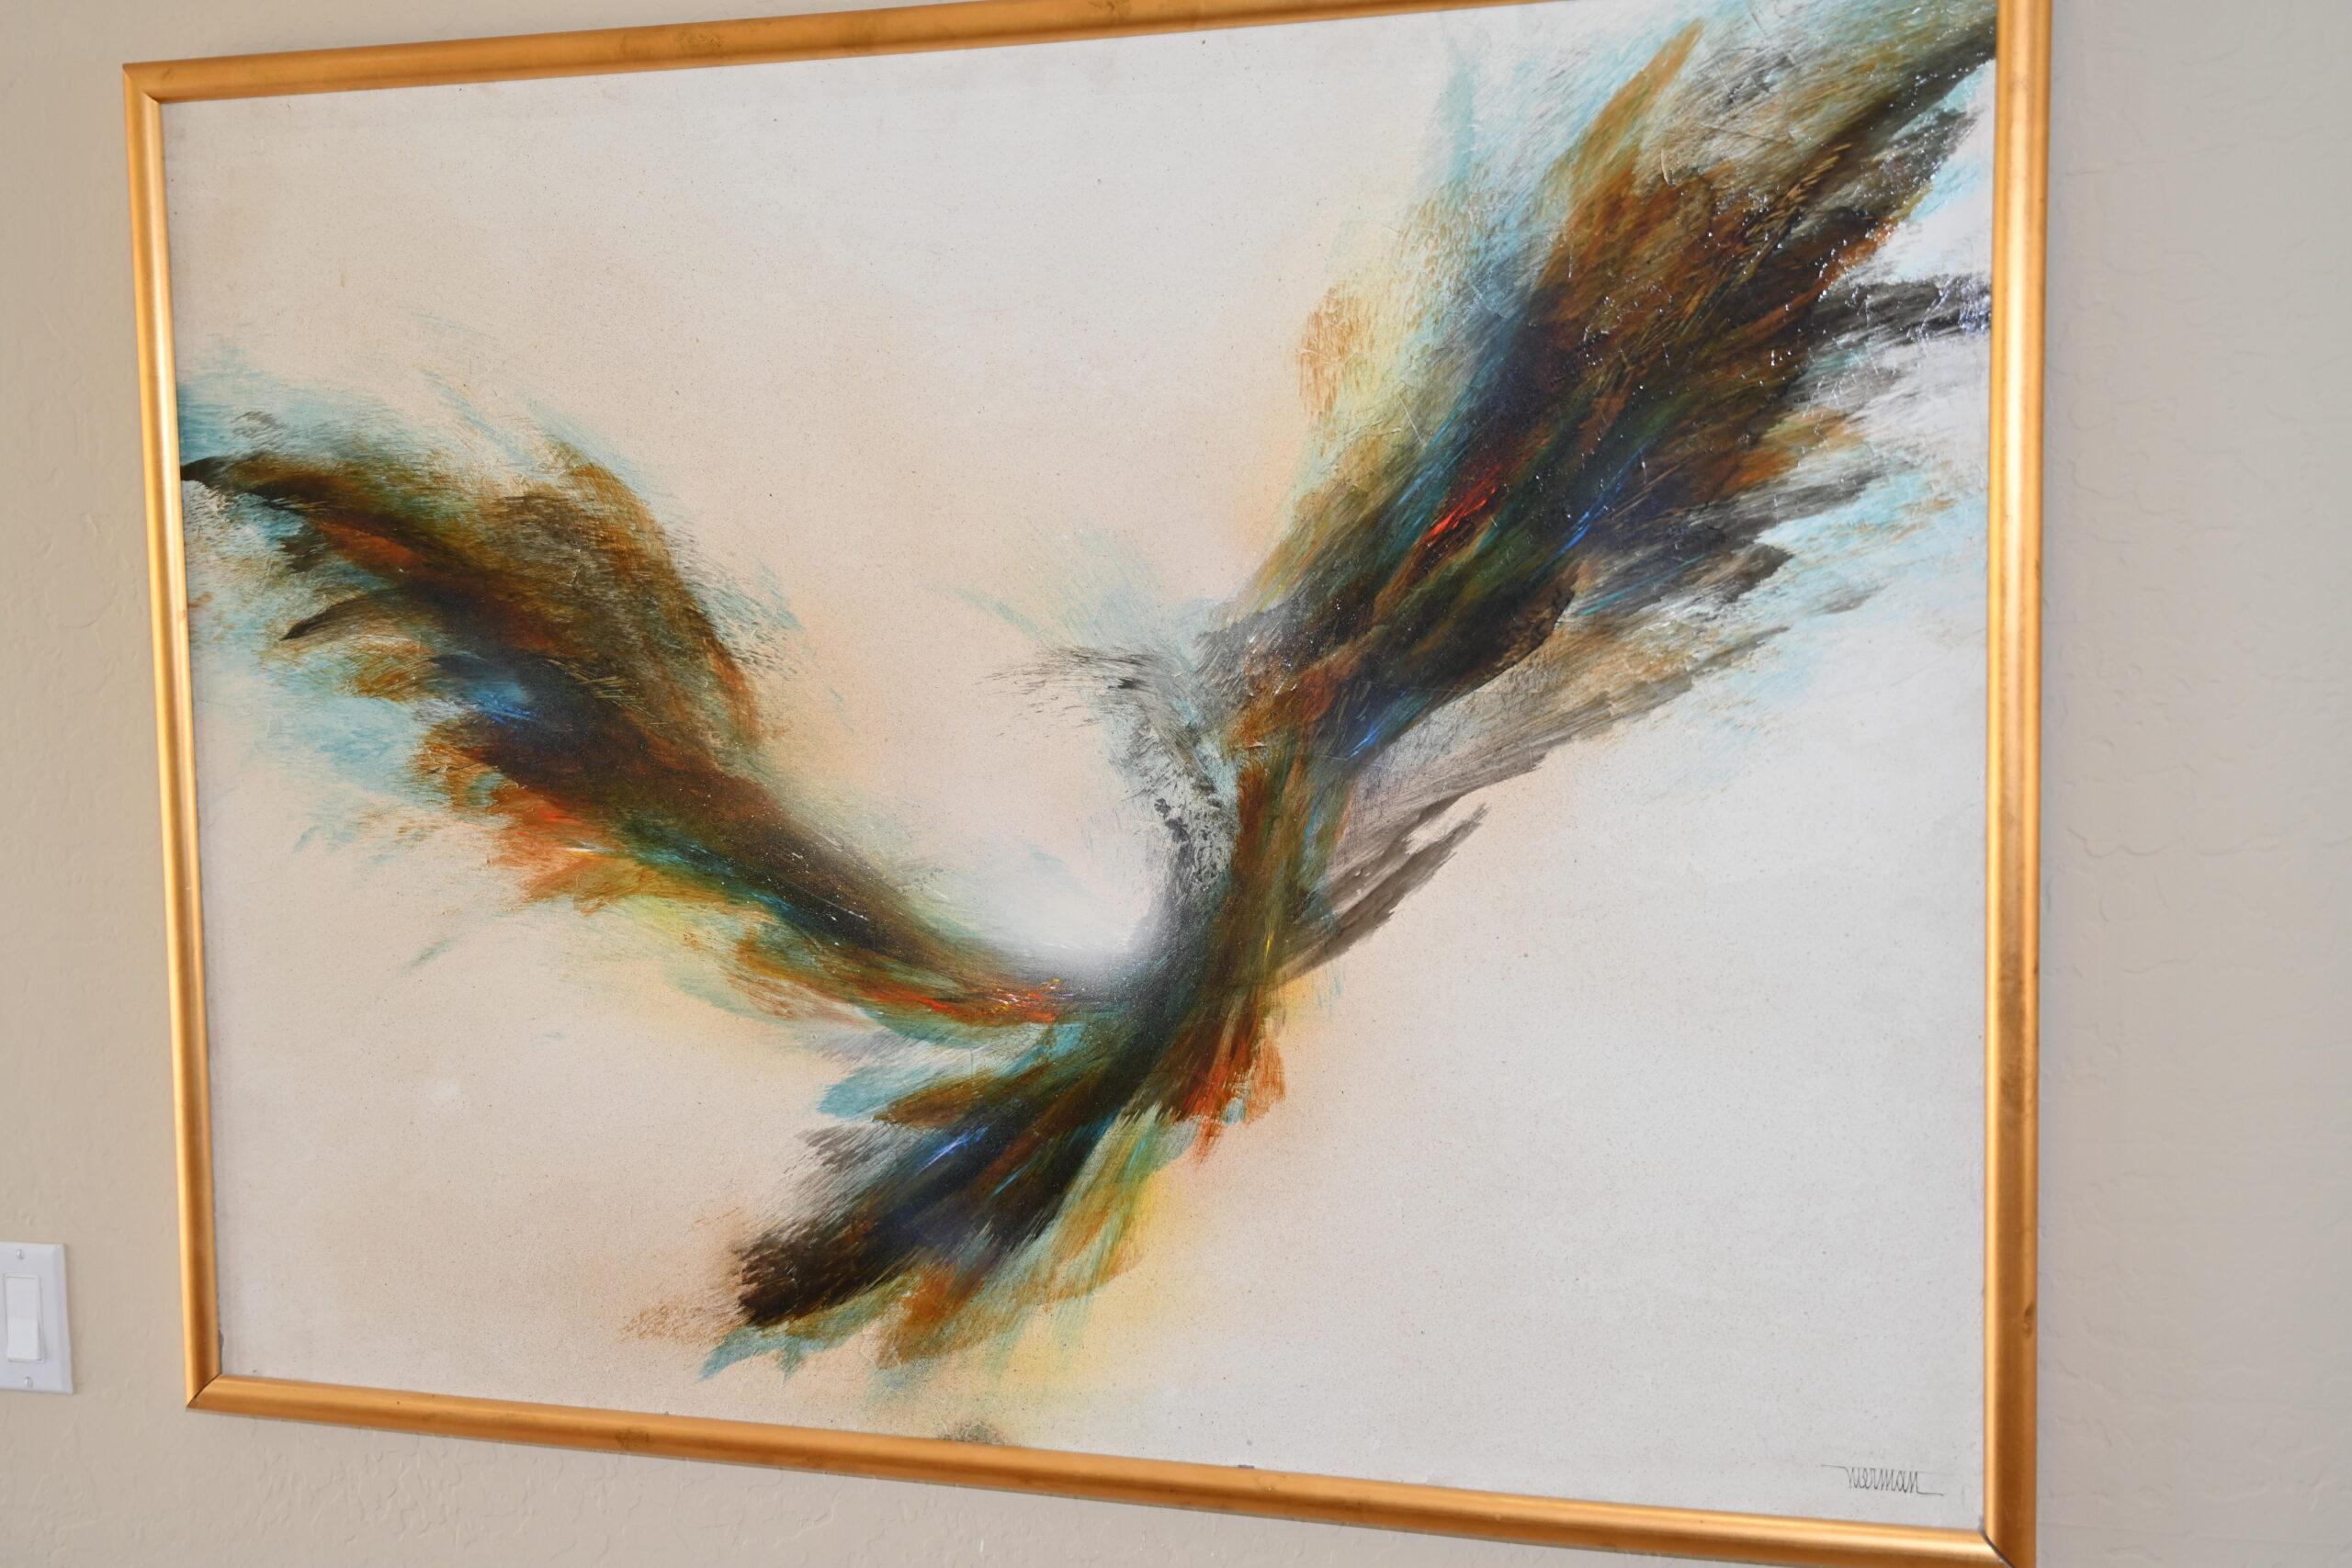 Original Acrylic Painting by Leonardo Nierman